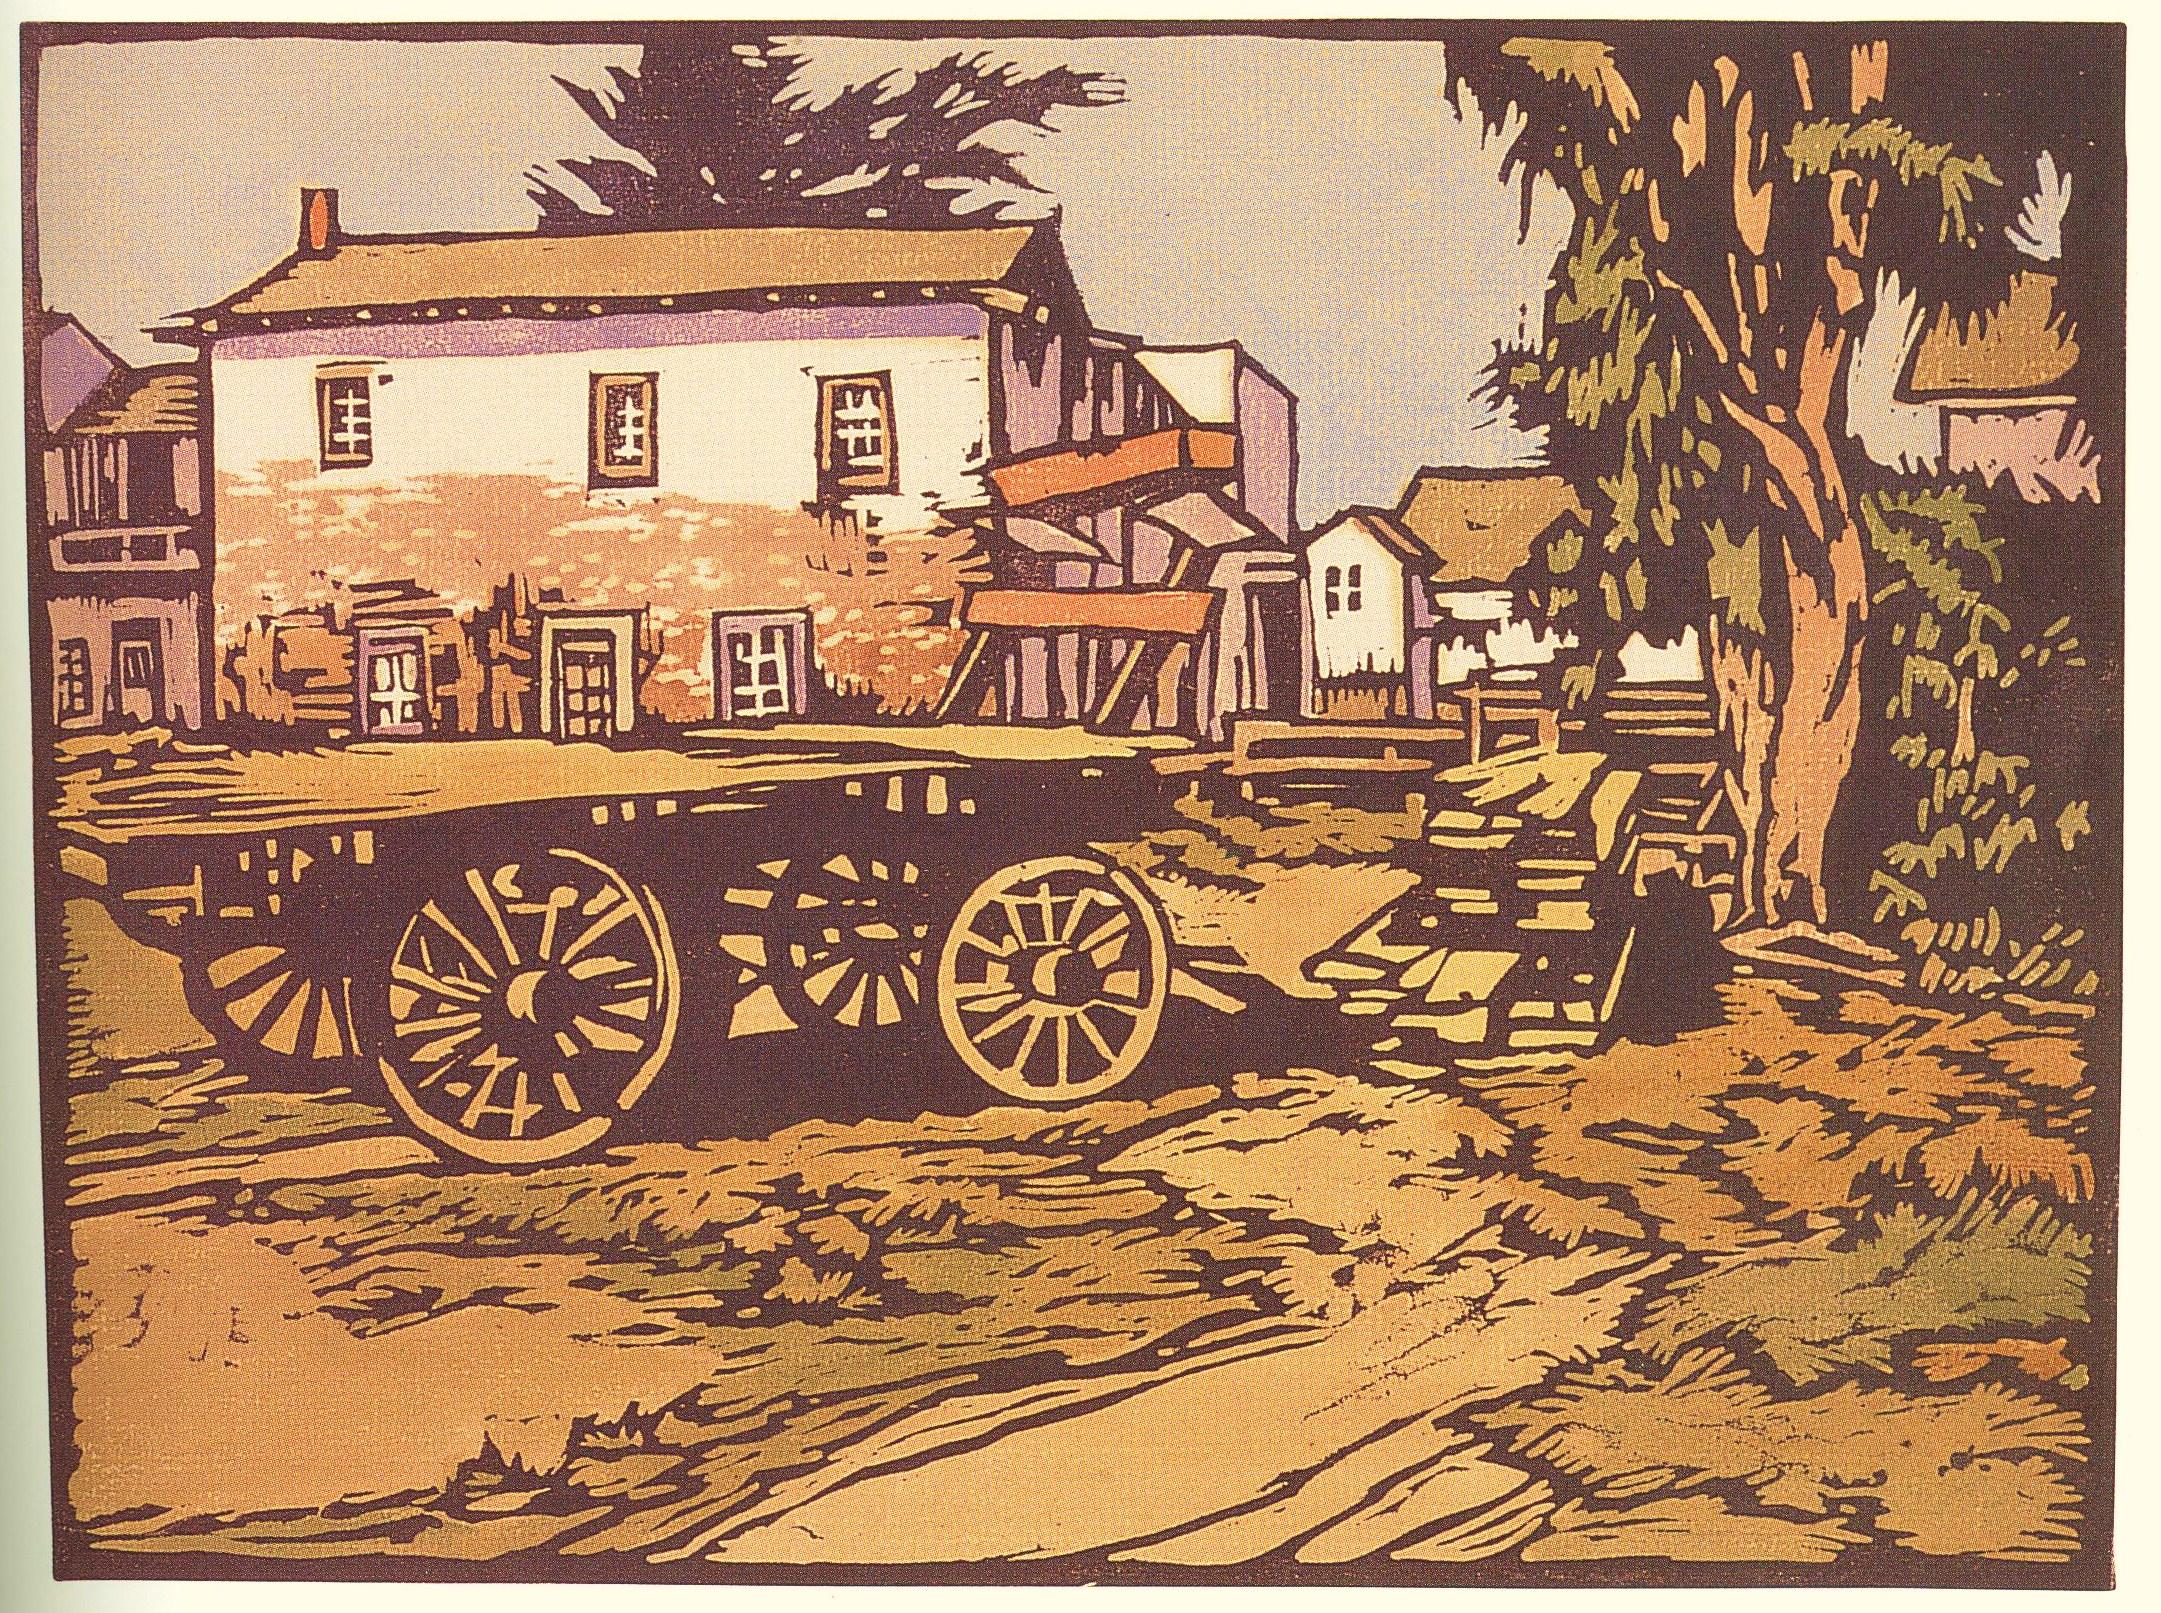 File:R L Stevenson House 1915 jpg - Wikimedia Commons